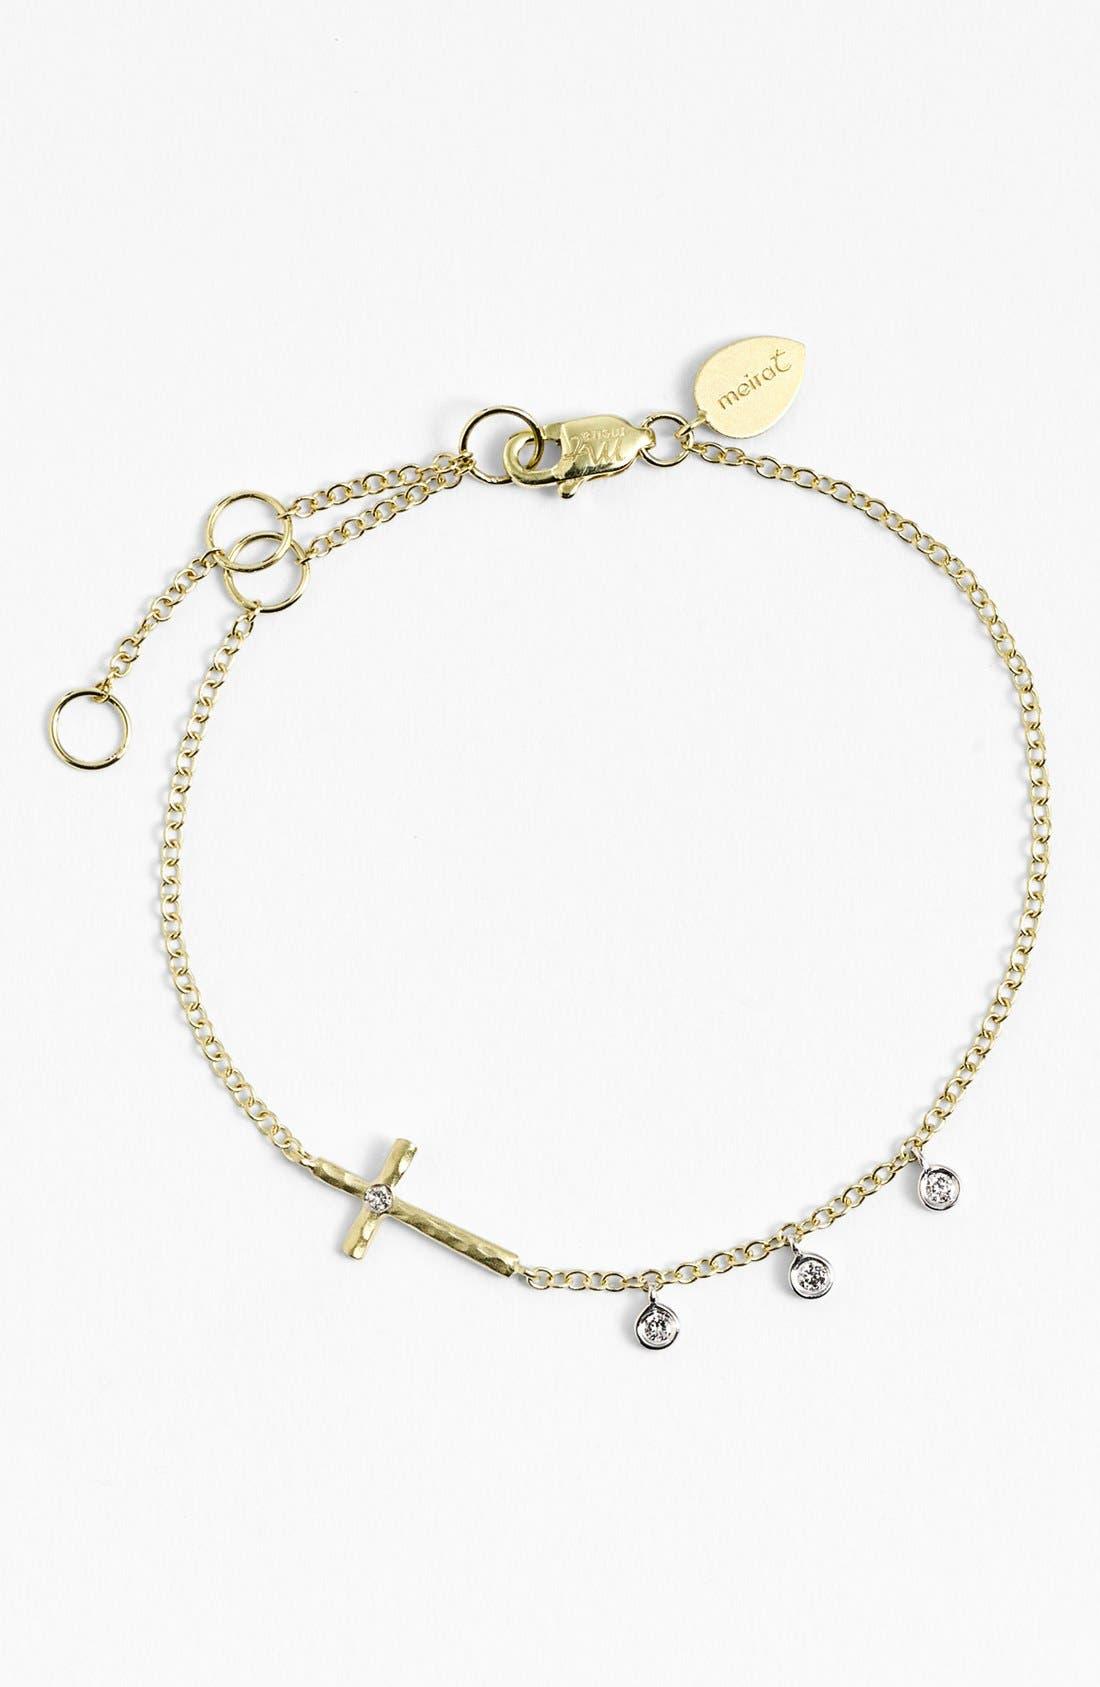 Alternate Image 1 Selected - MeiraT 'Charmed' Diamond Charm Bracelet